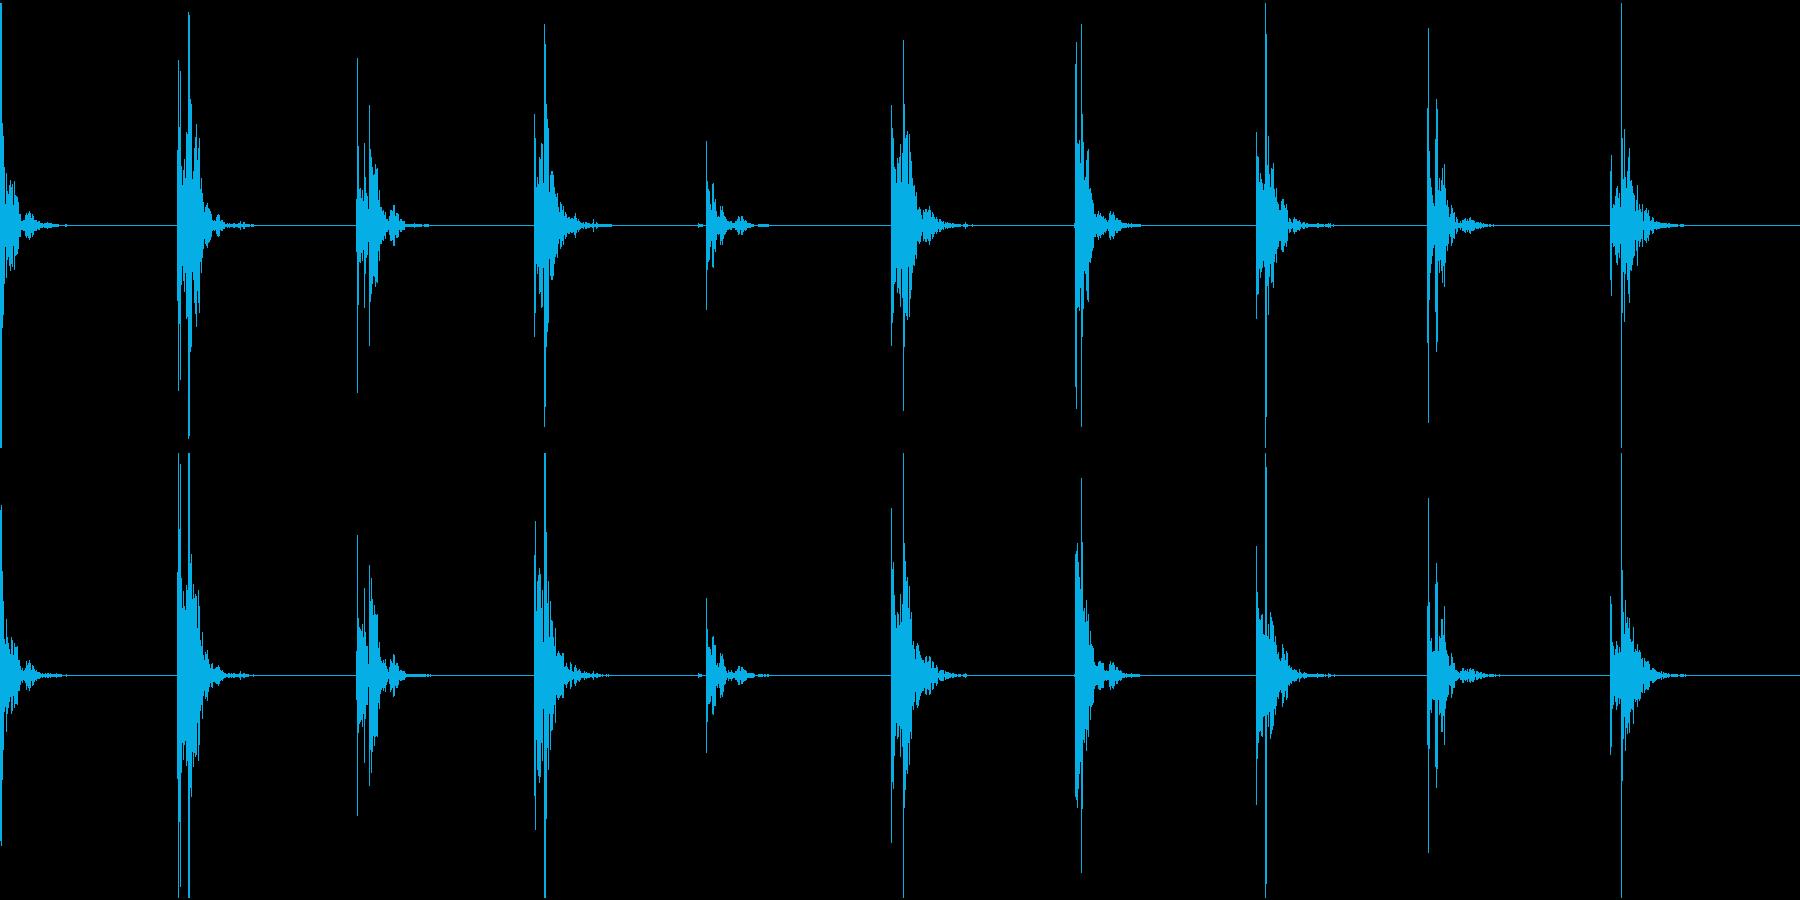 【生録音】足音1 スリッパorスニーカーの再生済みの波形